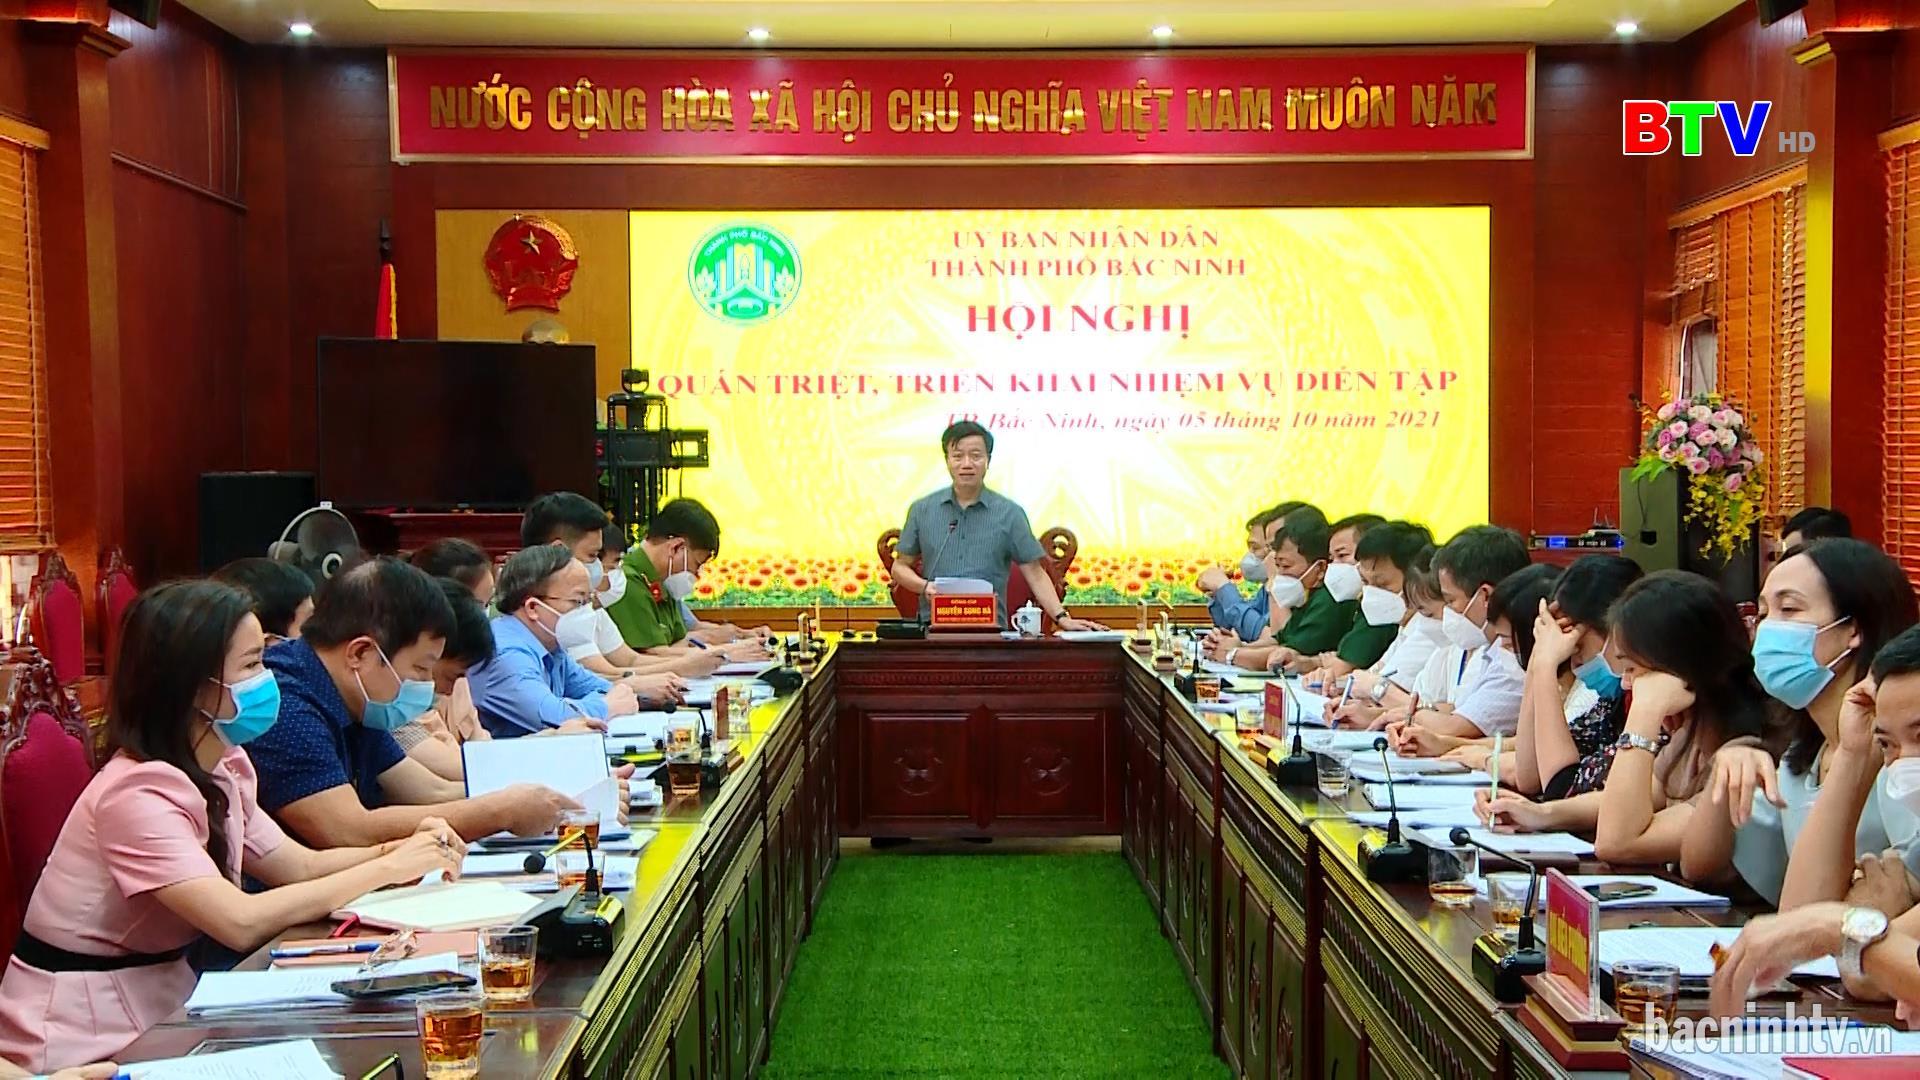 Thành phố Bắc Ninh quán triệt, triển khai nhiệm vụ diễn tập chiến đấu phòng thủ